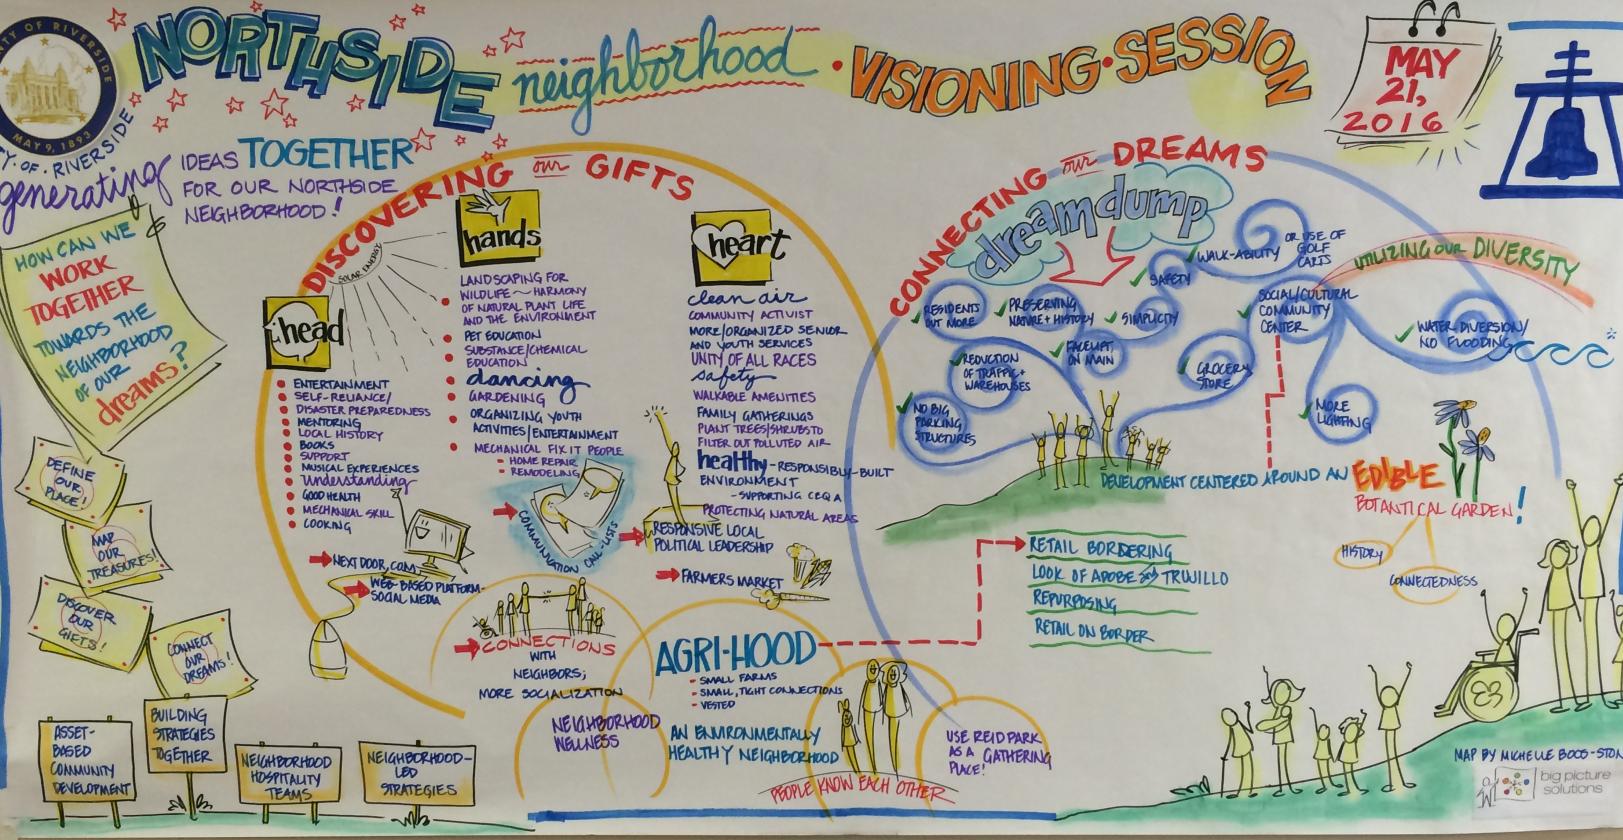 Northside Visioning Session